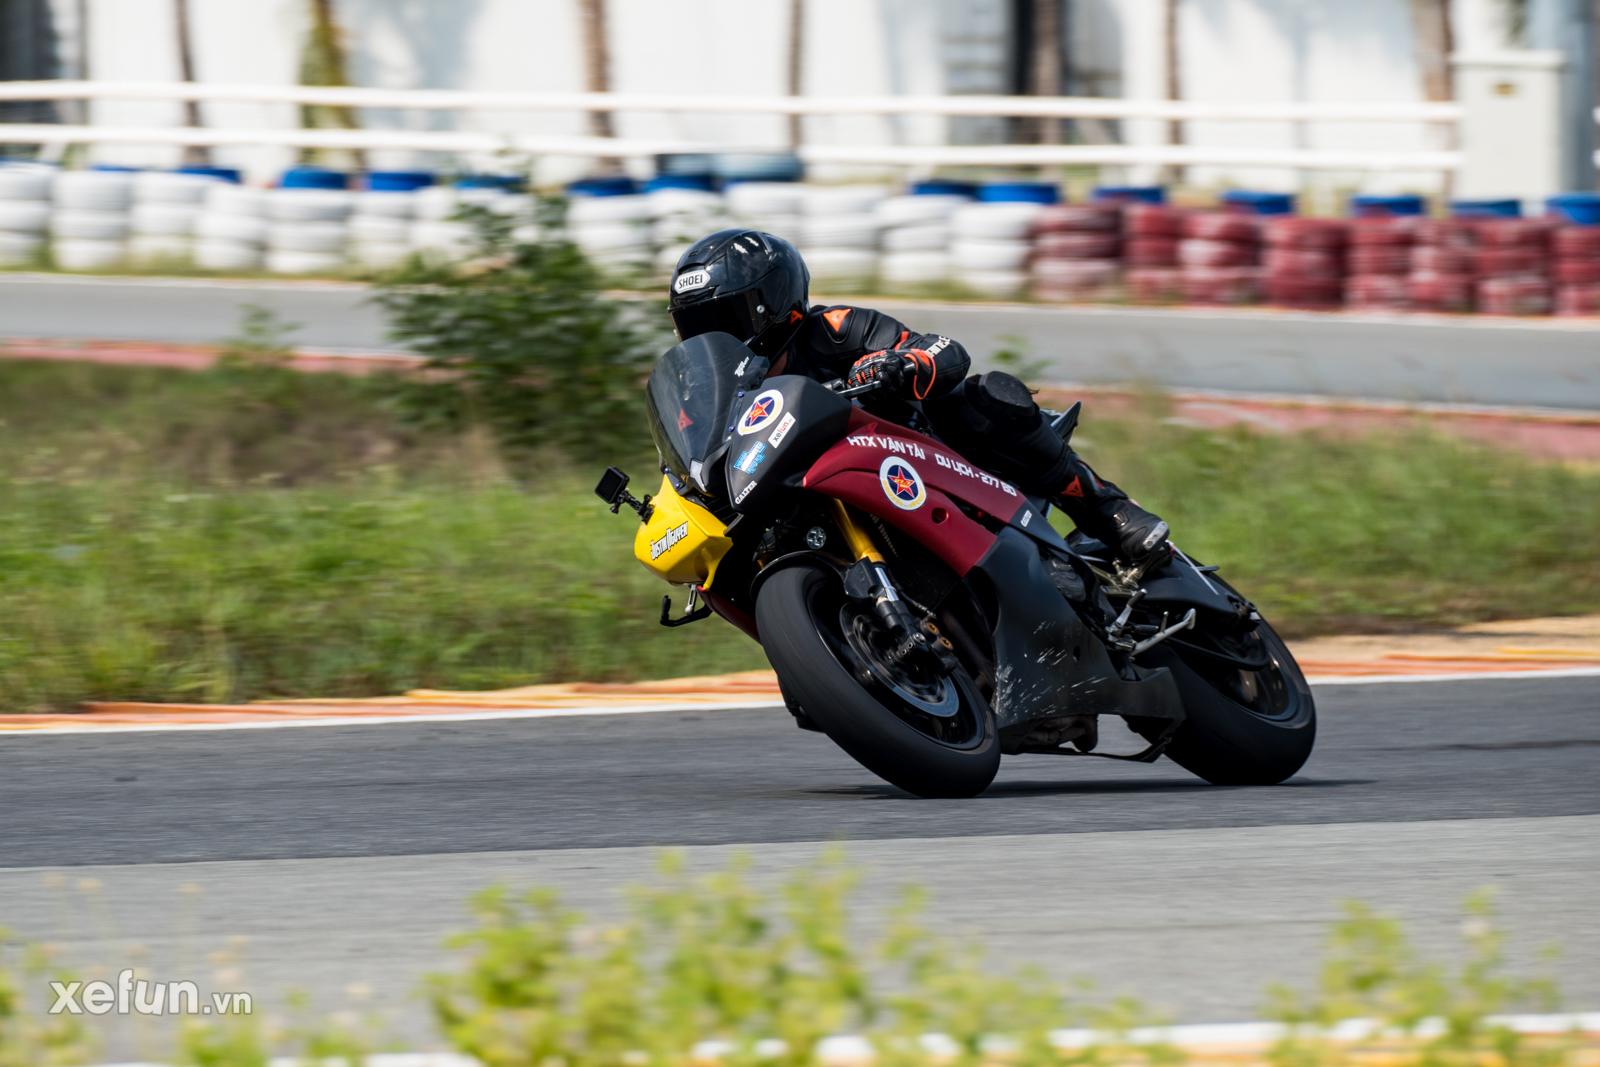 Các tay đua nài xe phân khối lớn PKL BMW S1000RR Ducati Monster Kawasaki Ninja ZX10R tại Trường đua Đại Nam trên Xefun (1)r5y